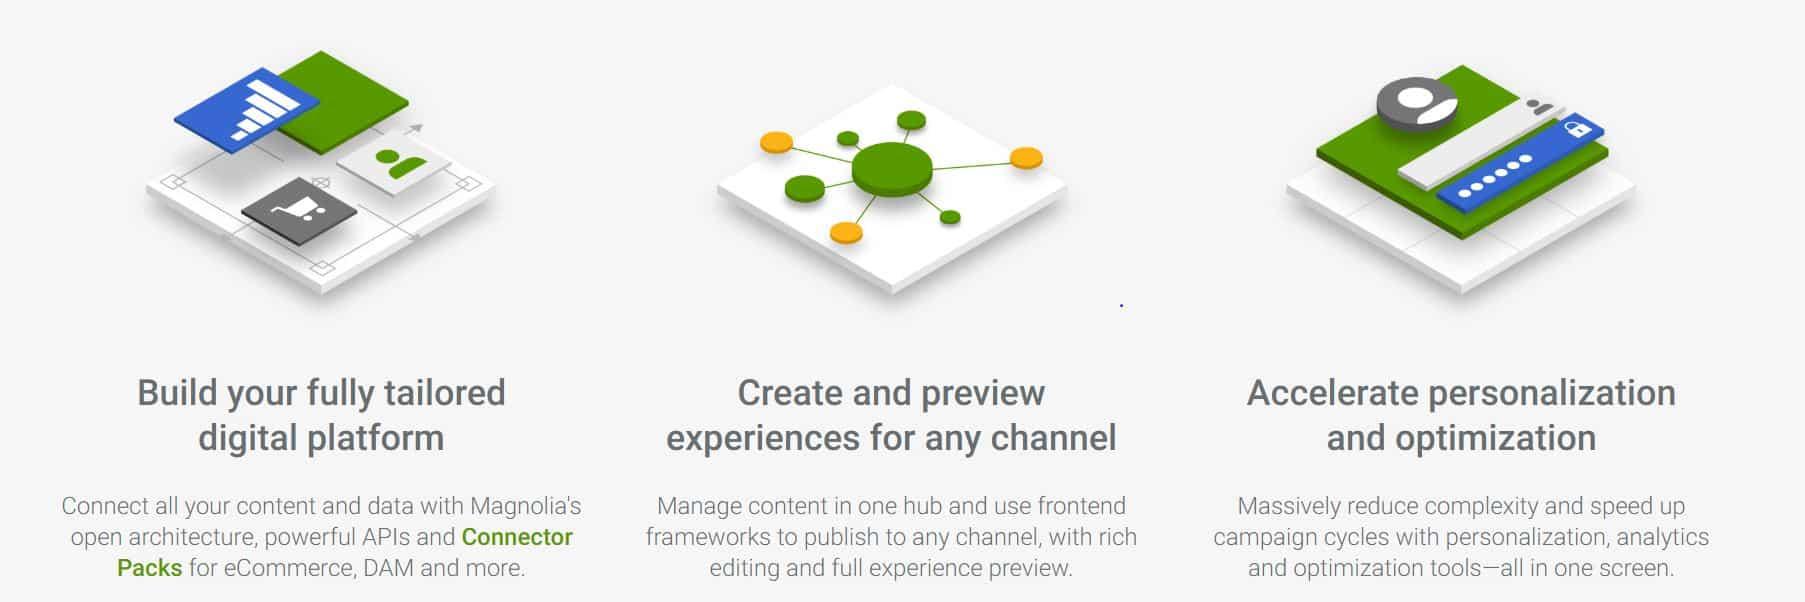 Con Magnolia también optarás a importantes ventajas, como construir sitios webd e forma sencilla.